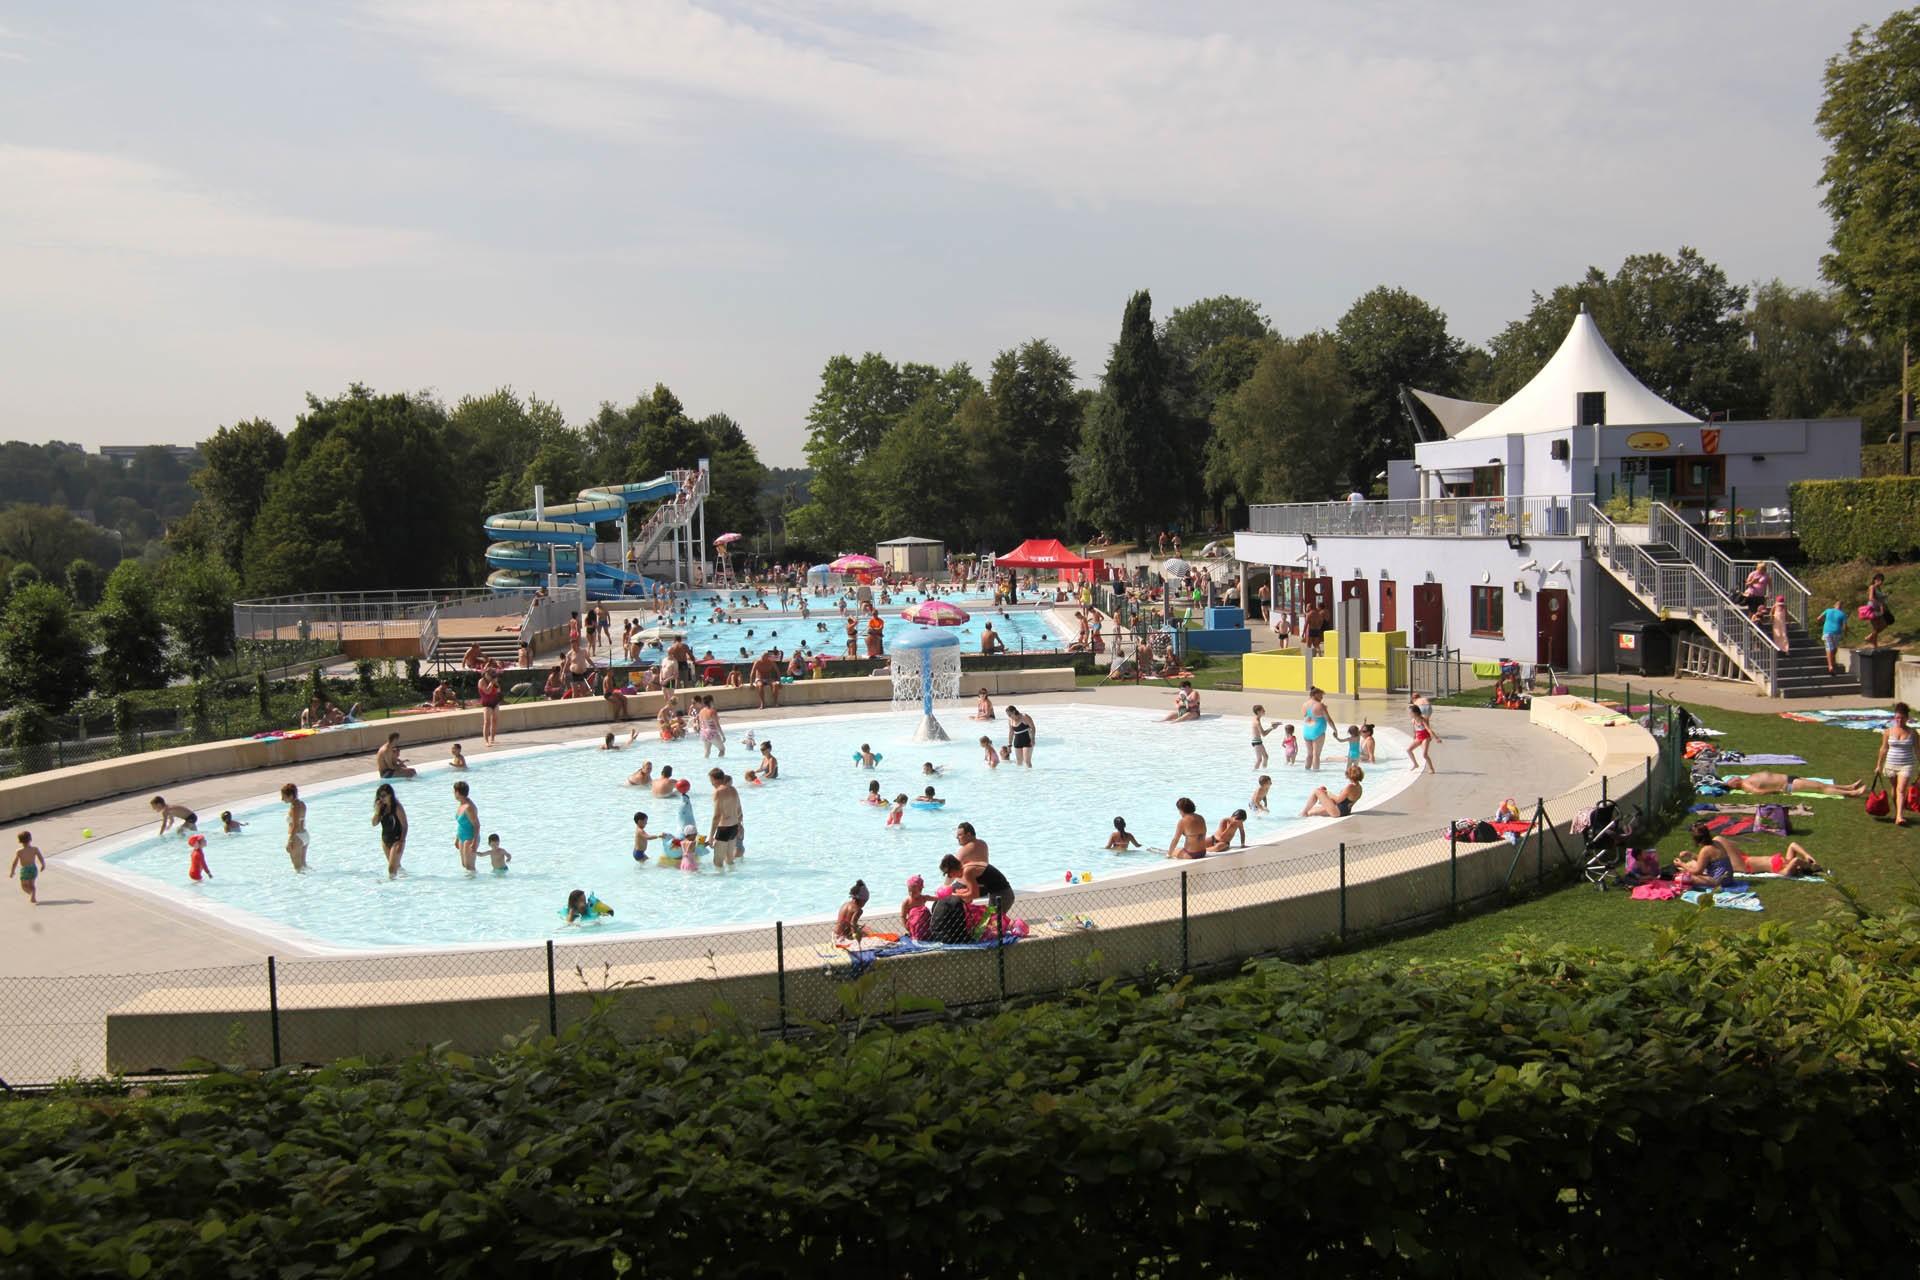 Lieux de baignade extérieur - Complexe de piscines - Domaine provincial de Wégimont